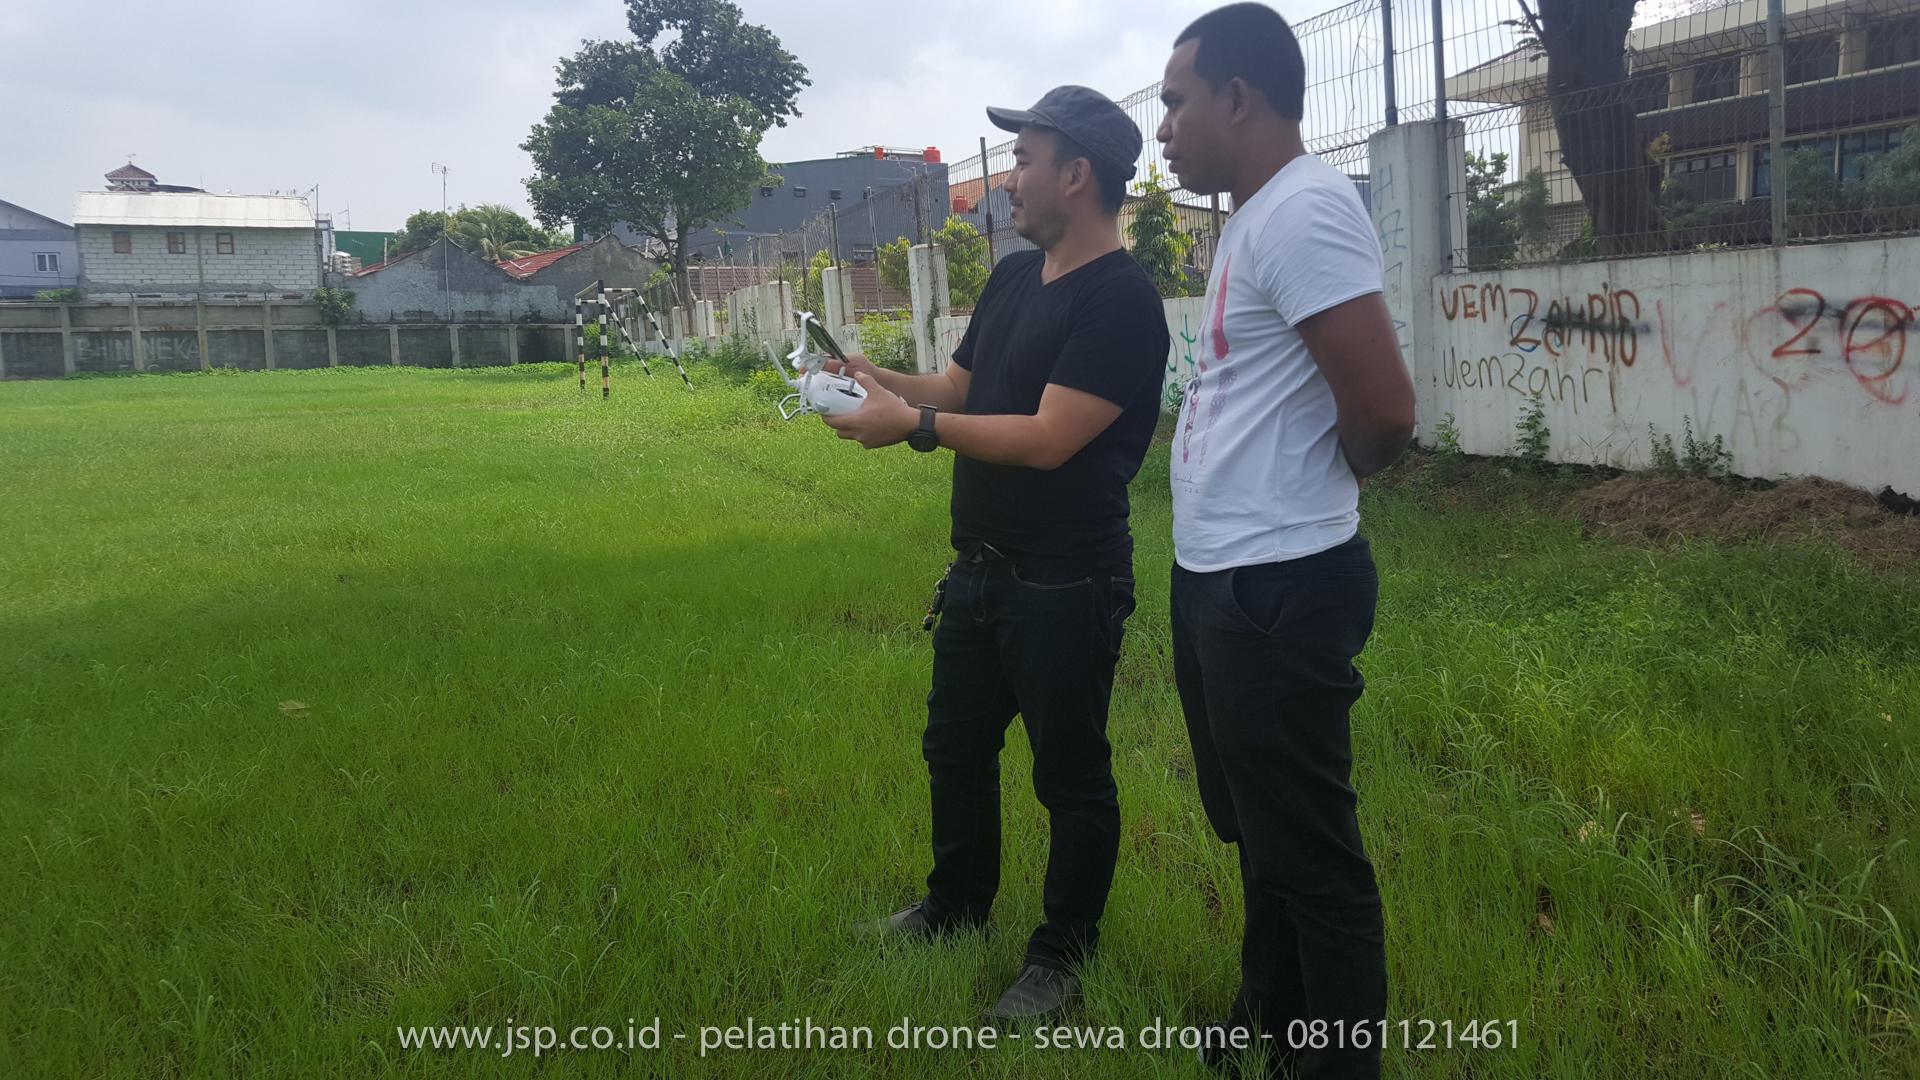 kursus drone di jakarta